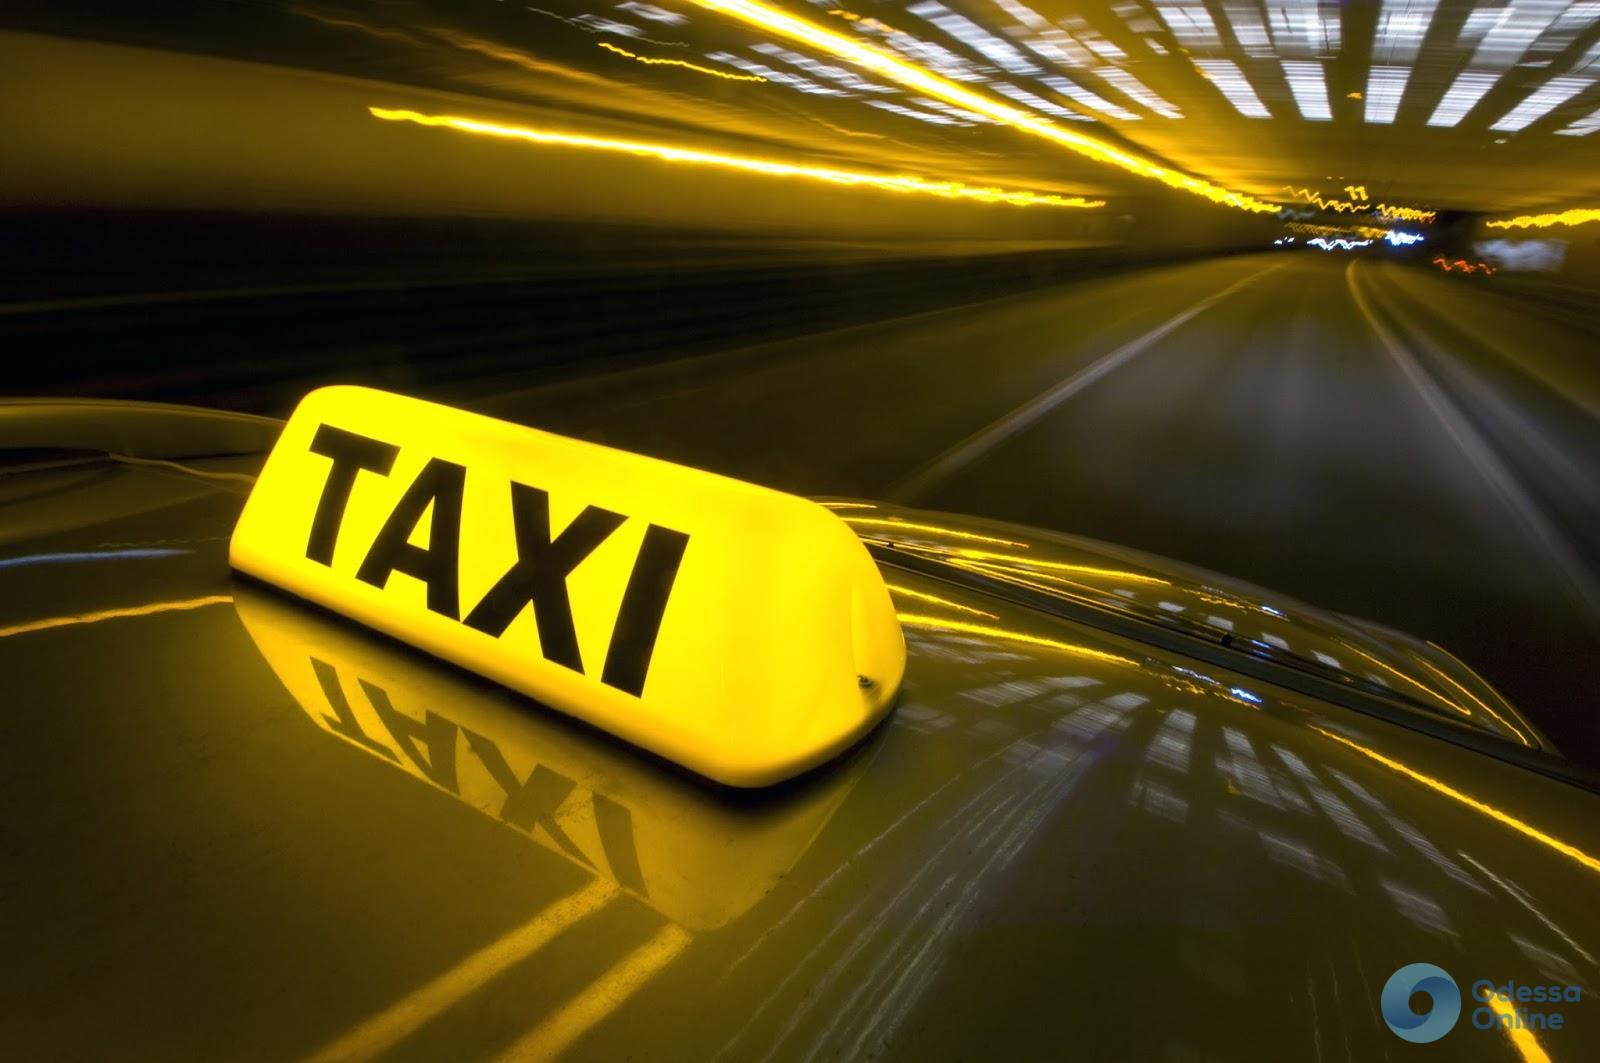 Дело о смерти одесского таксиста: обвиняемый нарушил домашний арест и сам себя «сдал»